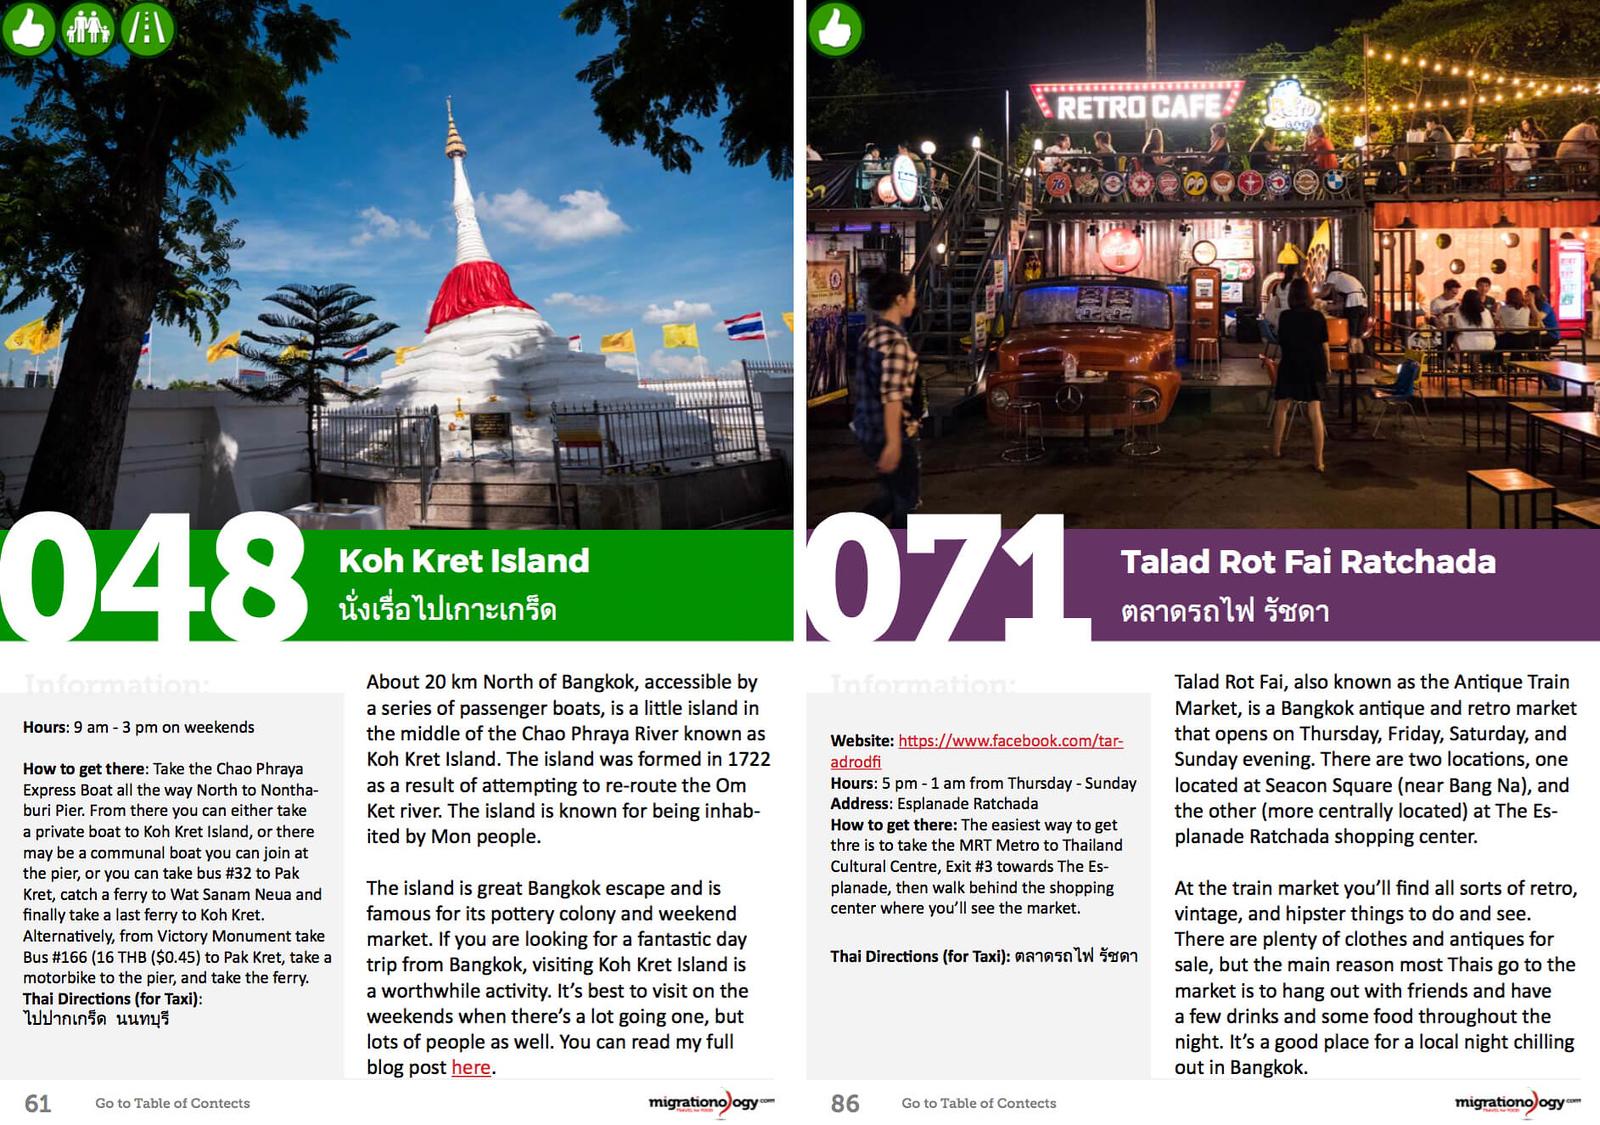 例如:可以做的事在曼谷